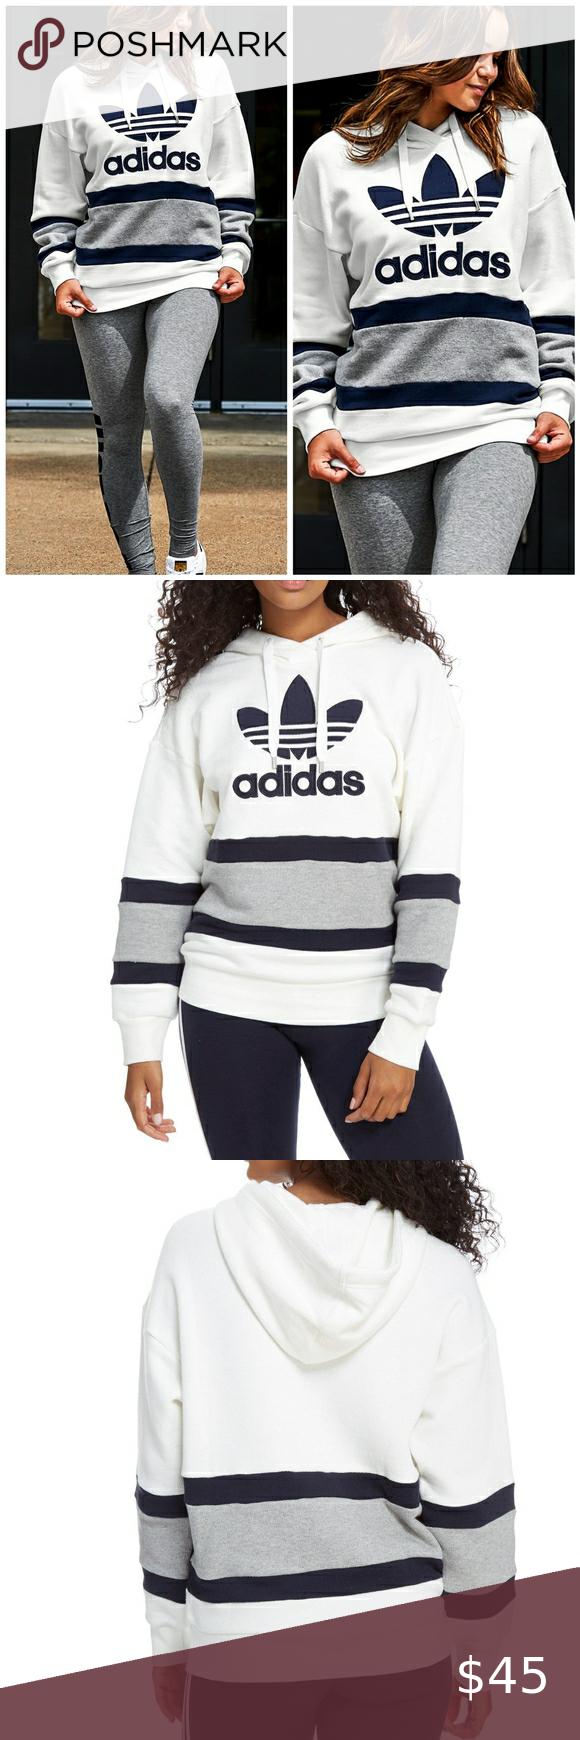 Adidas Originals Colorblock Hoodie Sweatshirt Xl In 2020 Sweatshirts Hoodie Sweatshirts Drawstring Hoodie [ 1740 x 580 Pixel ]